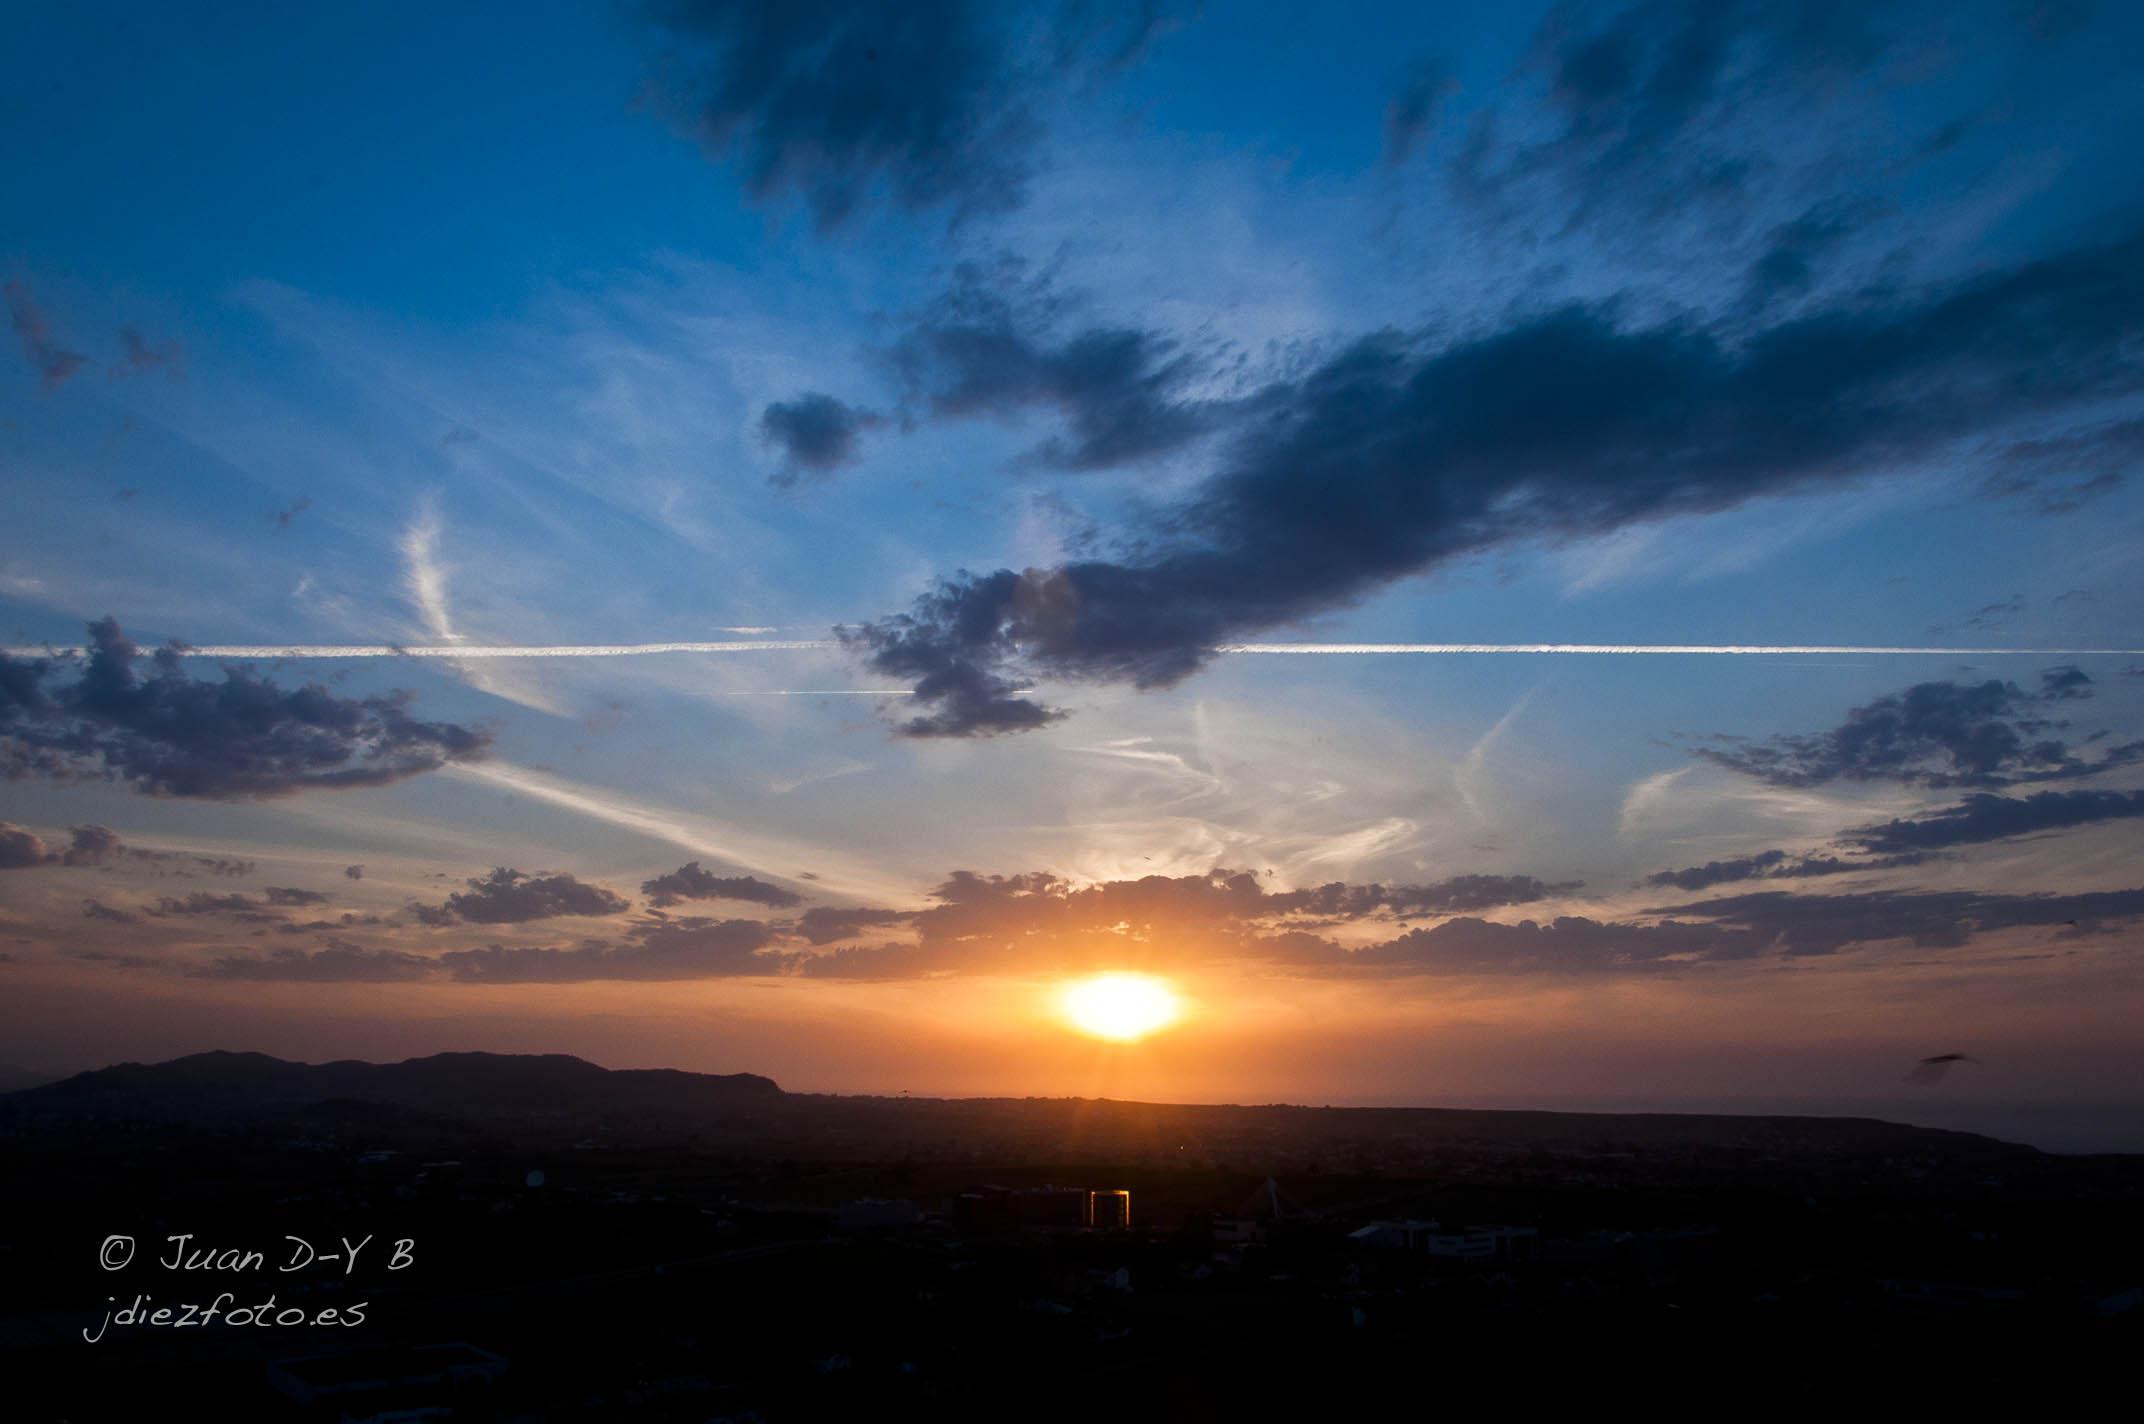 Las puestas de sol desde el mirador de Peñacastillo